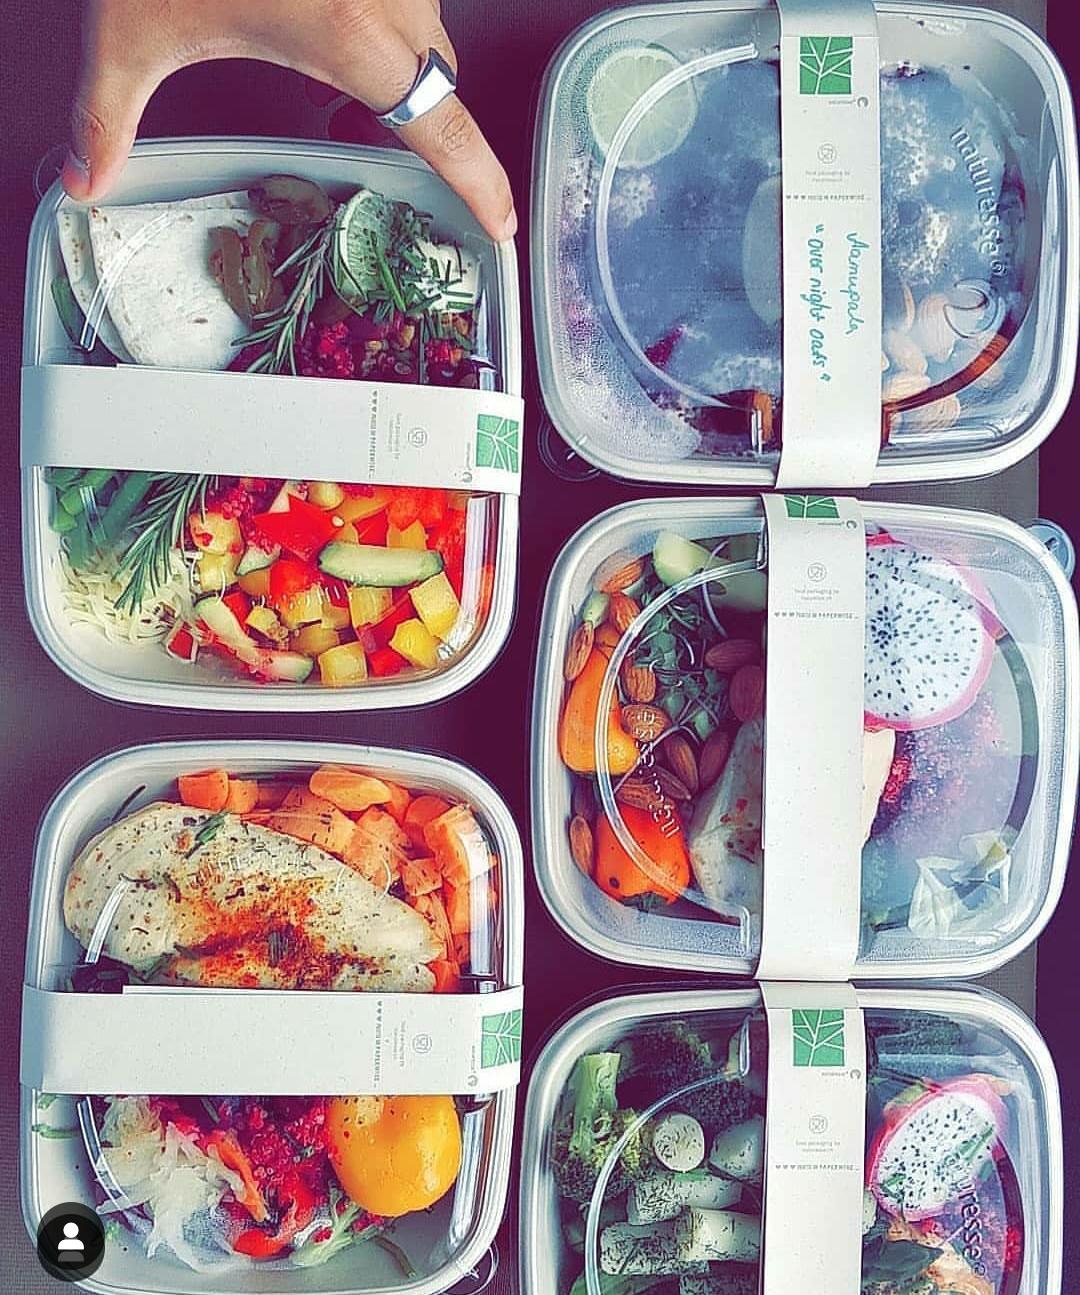 12 Meals custom made